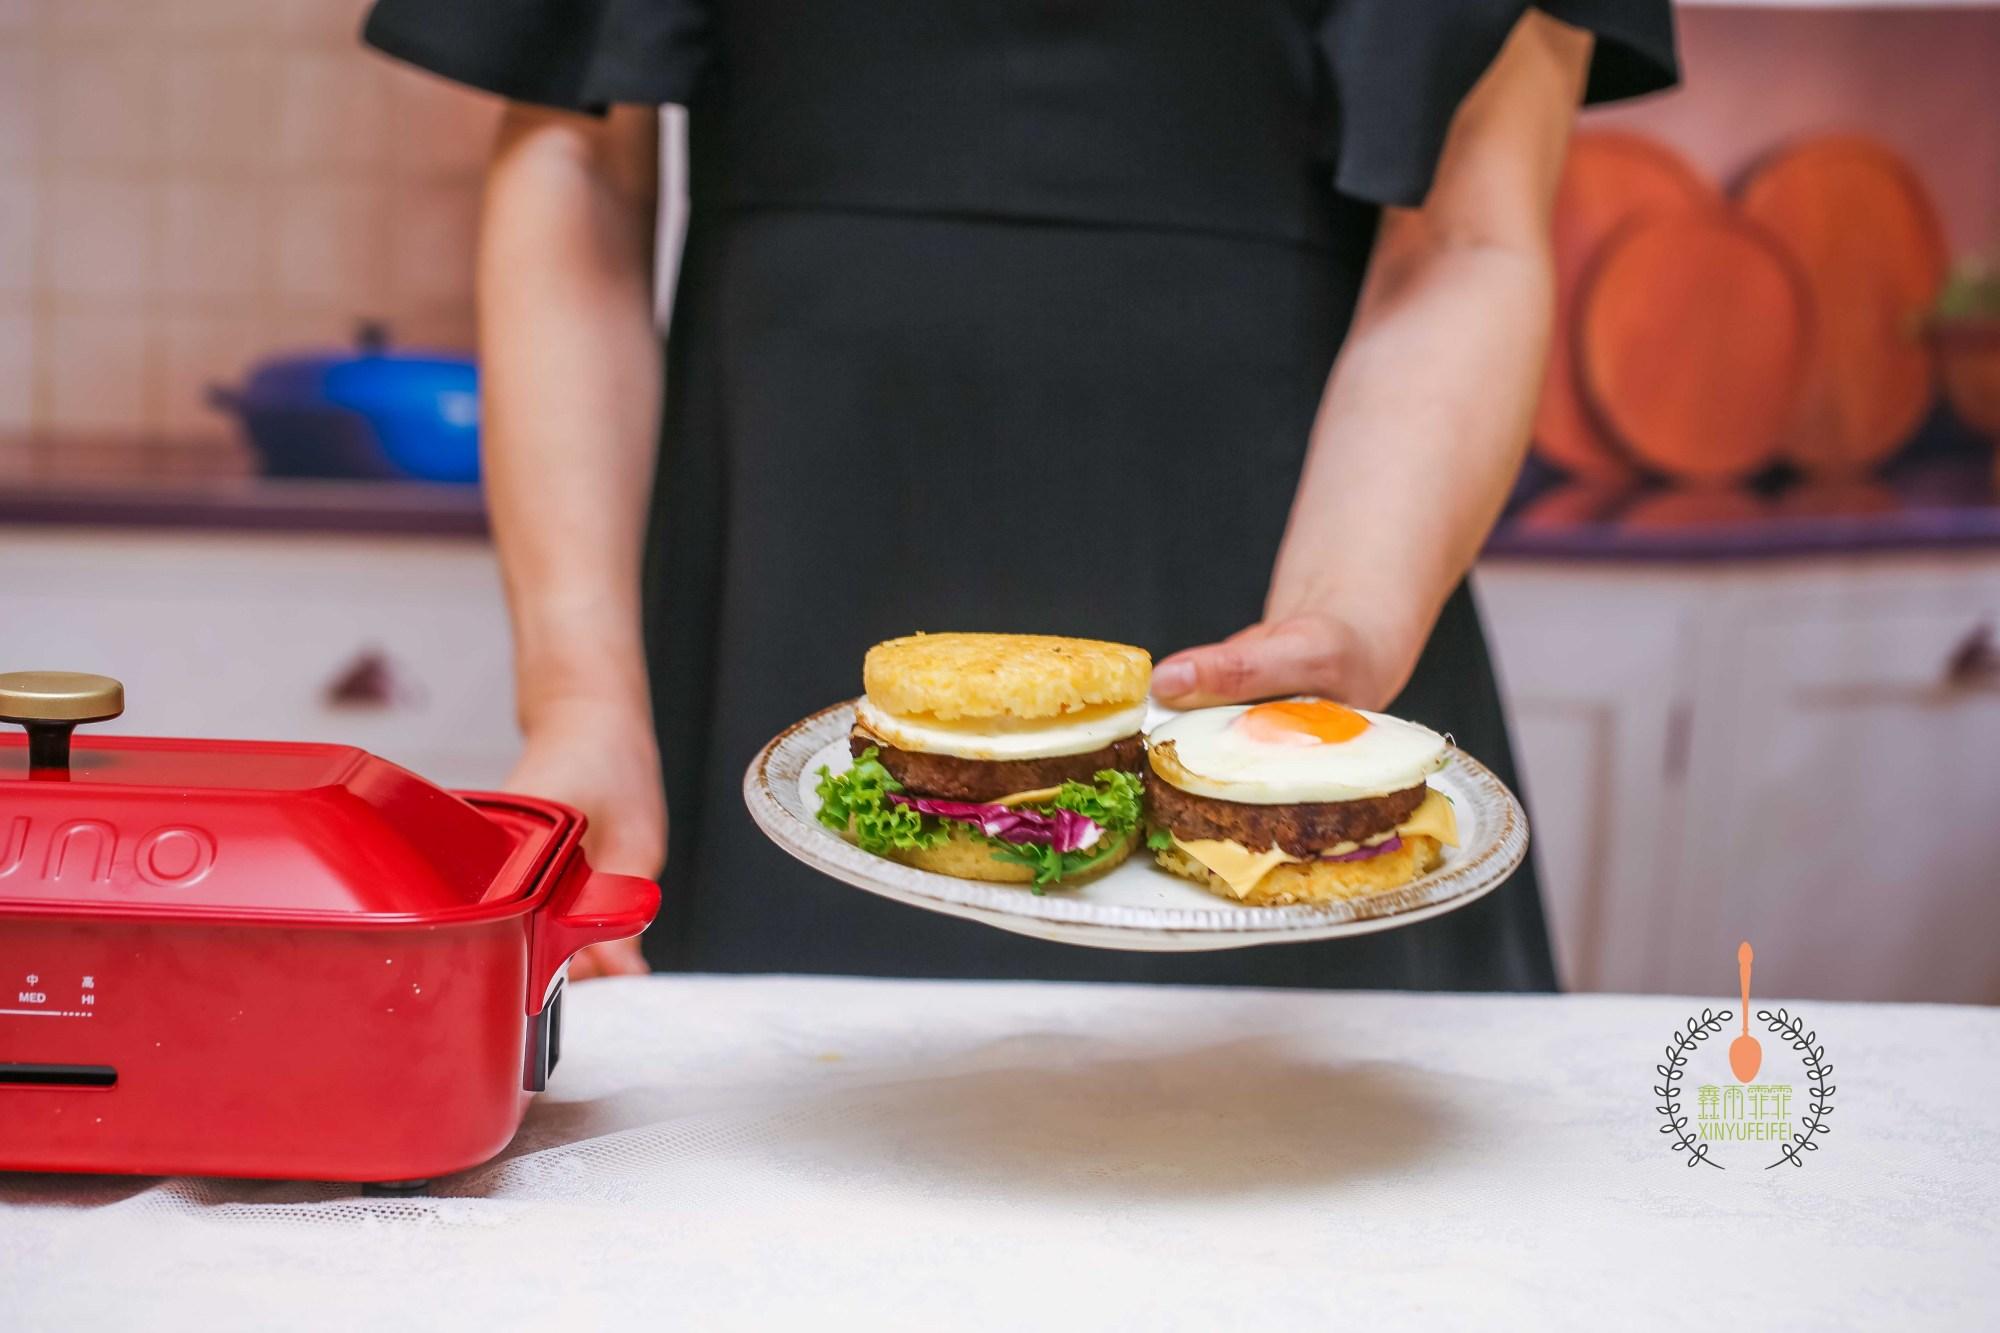 米汉堡比炒饭香,比汉堡受欢迎,10分钟早餐,孩子隔三差五点要名吃